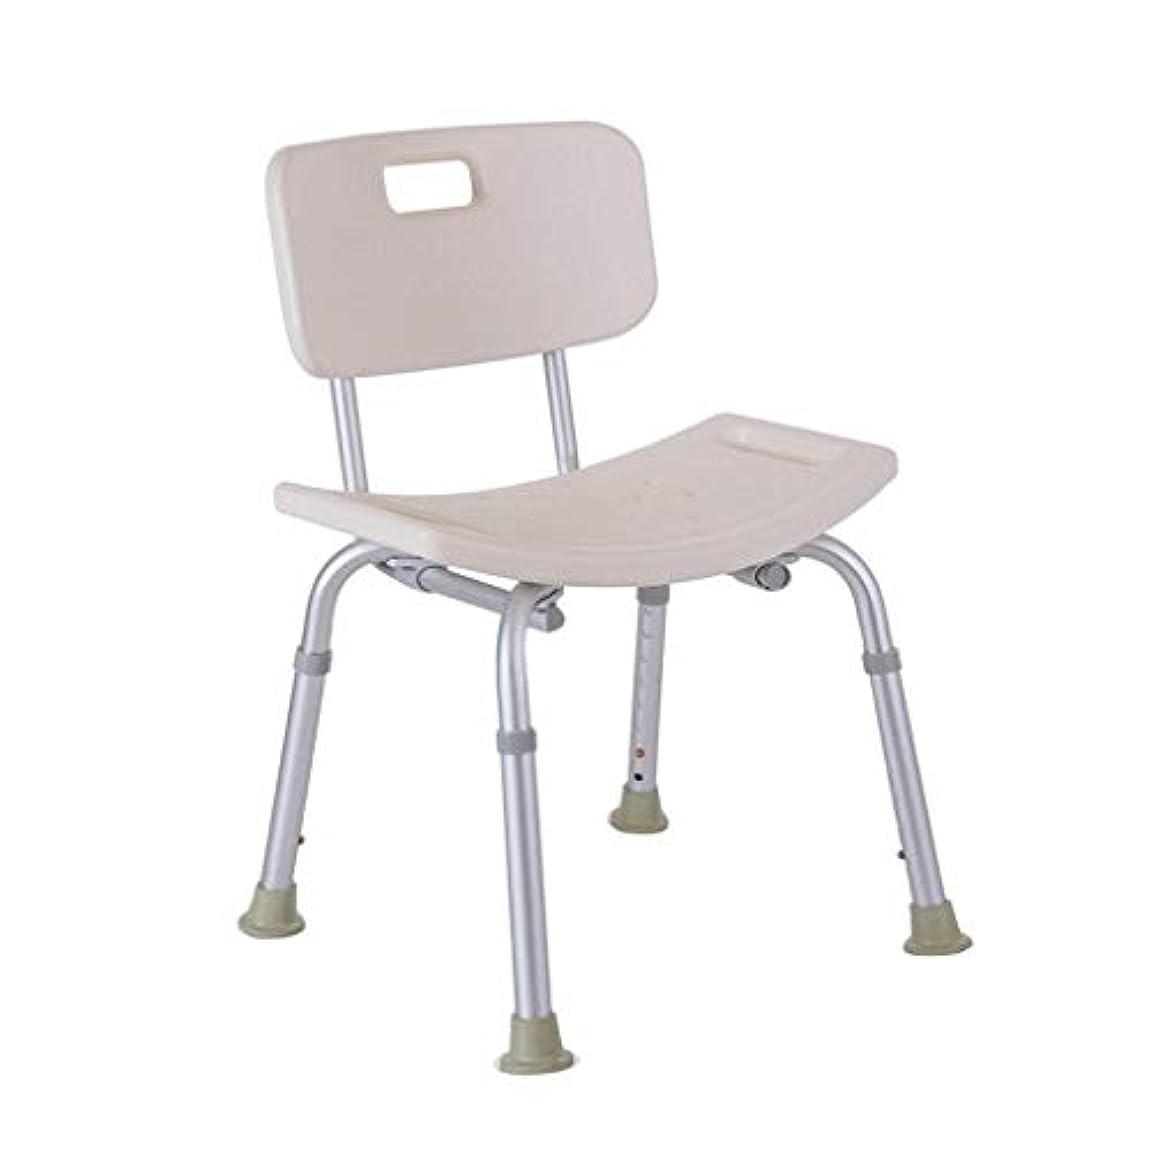 コアゴージャスかび臭いお風呂の椅子、背もたれ付き調節可能な高さ